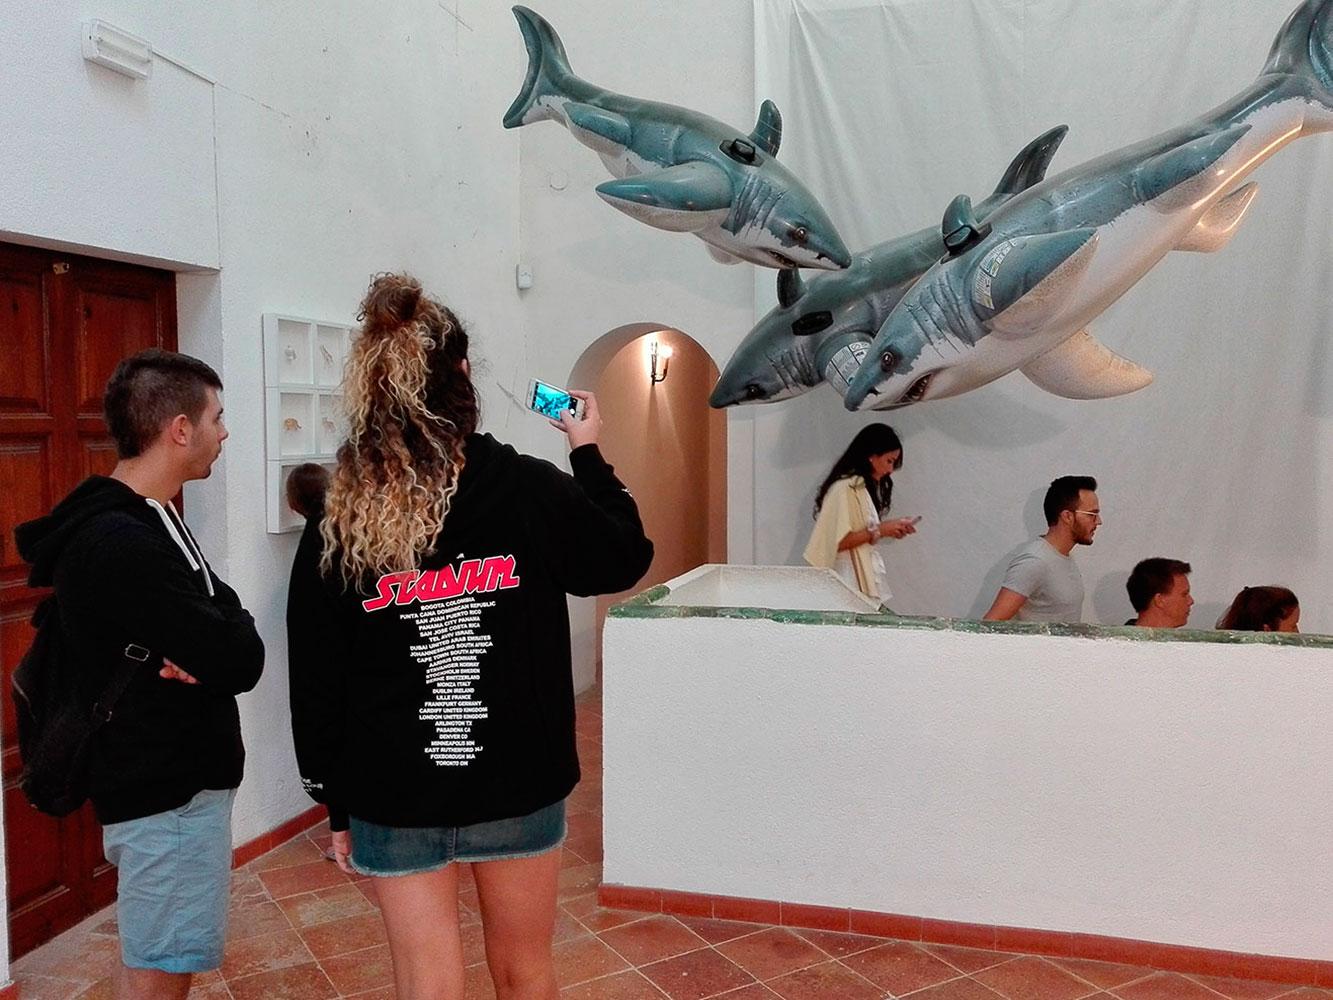 Públic fent fotos a la instal·lació artística de Josep Maria Compte